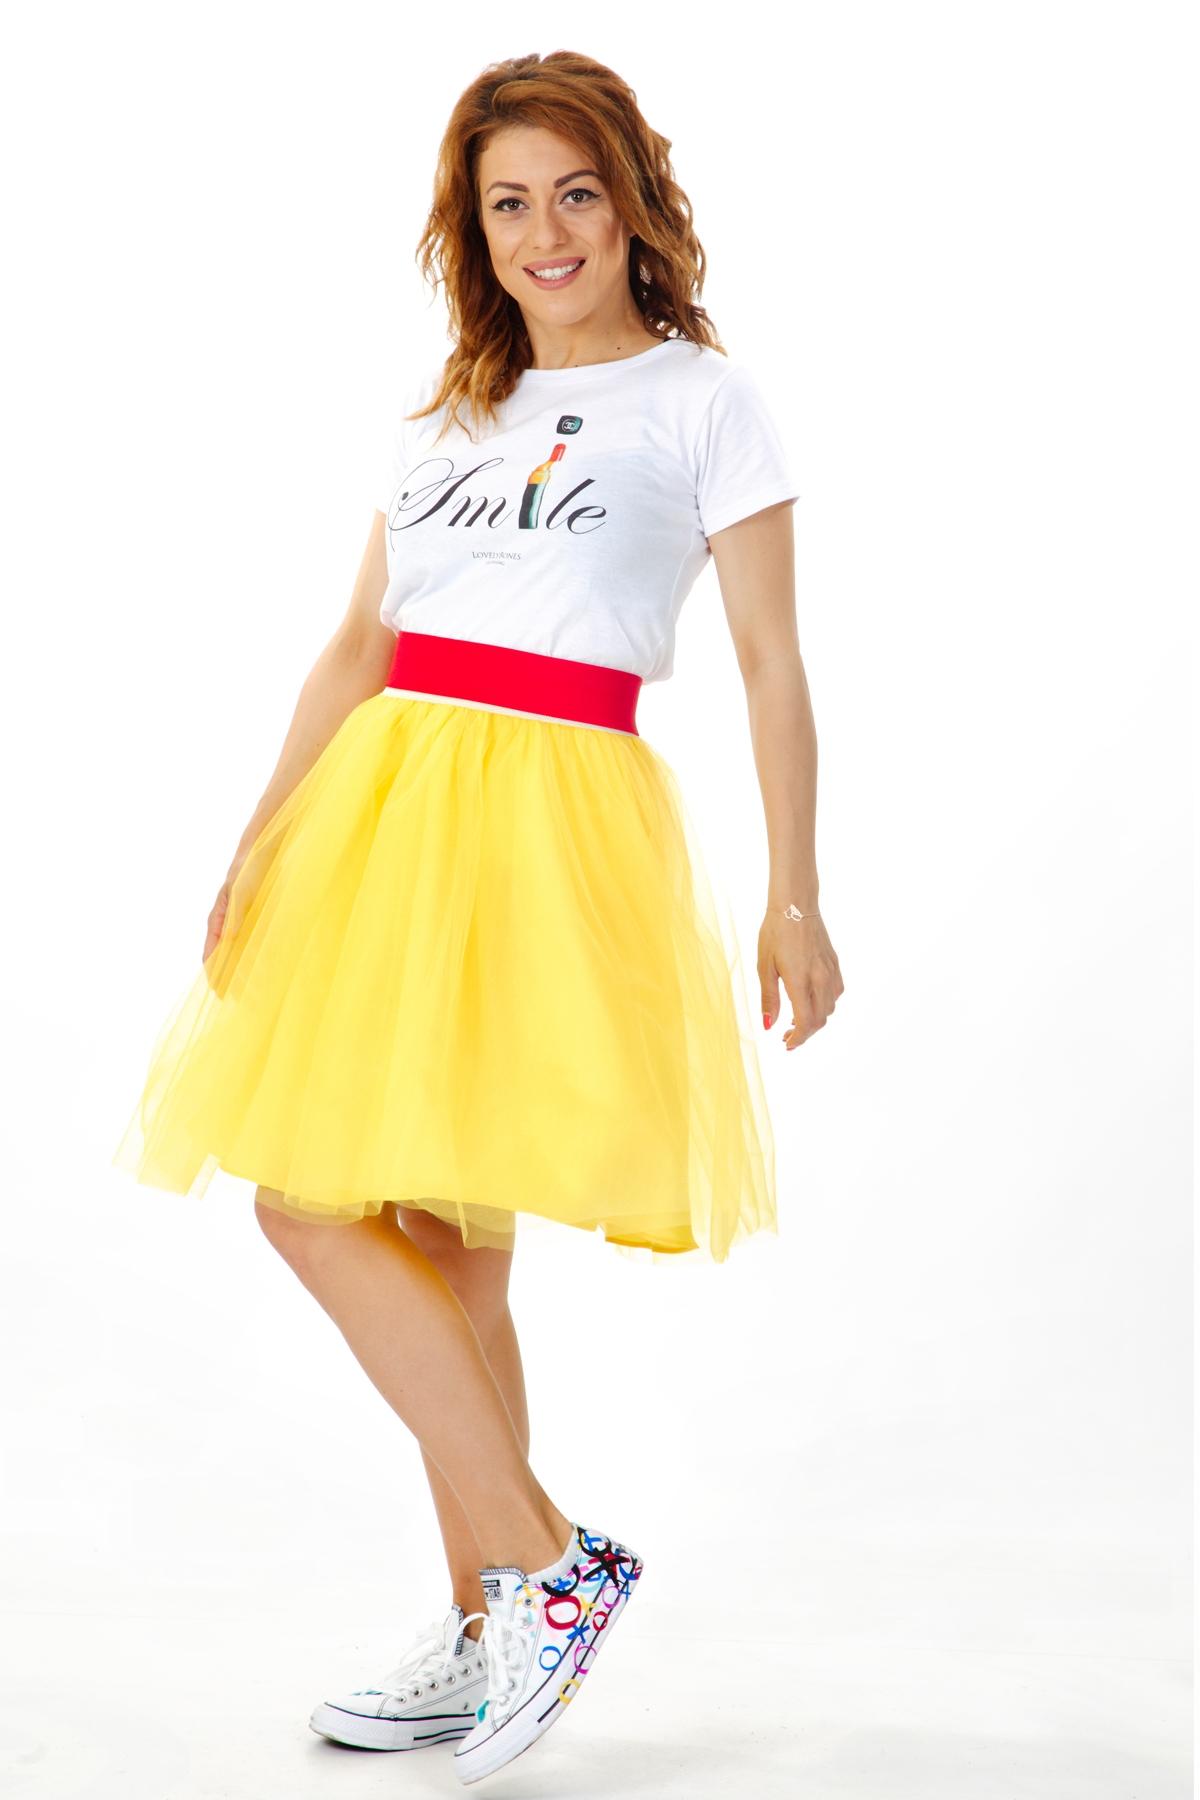 Жълта къса пола от тюл и червен ластик на талията / ShuShi